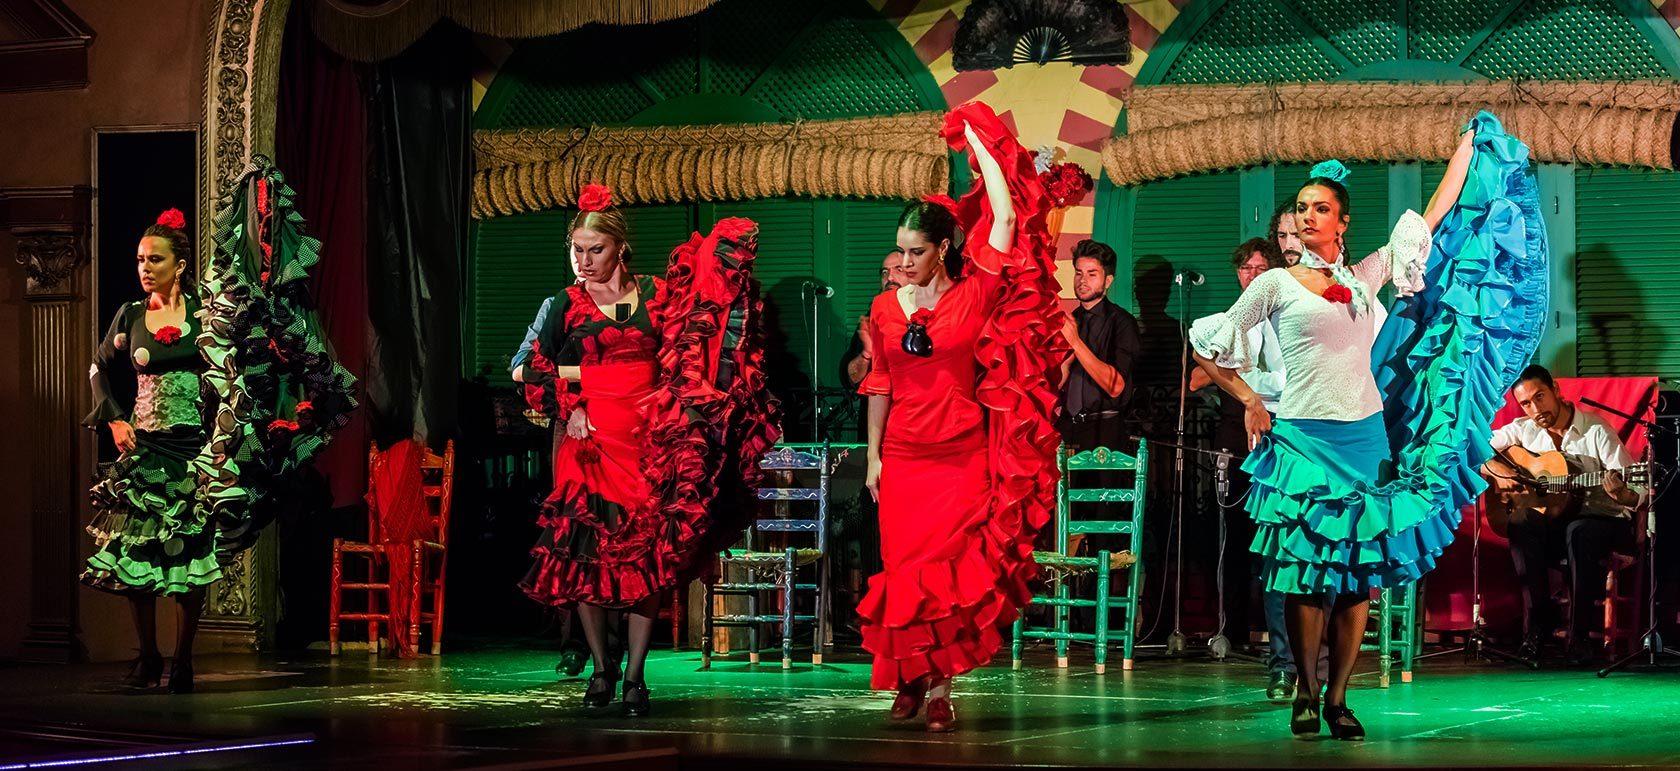 Mujeres bailando Flamenco en Sevilla para la ruta del flamenco de España